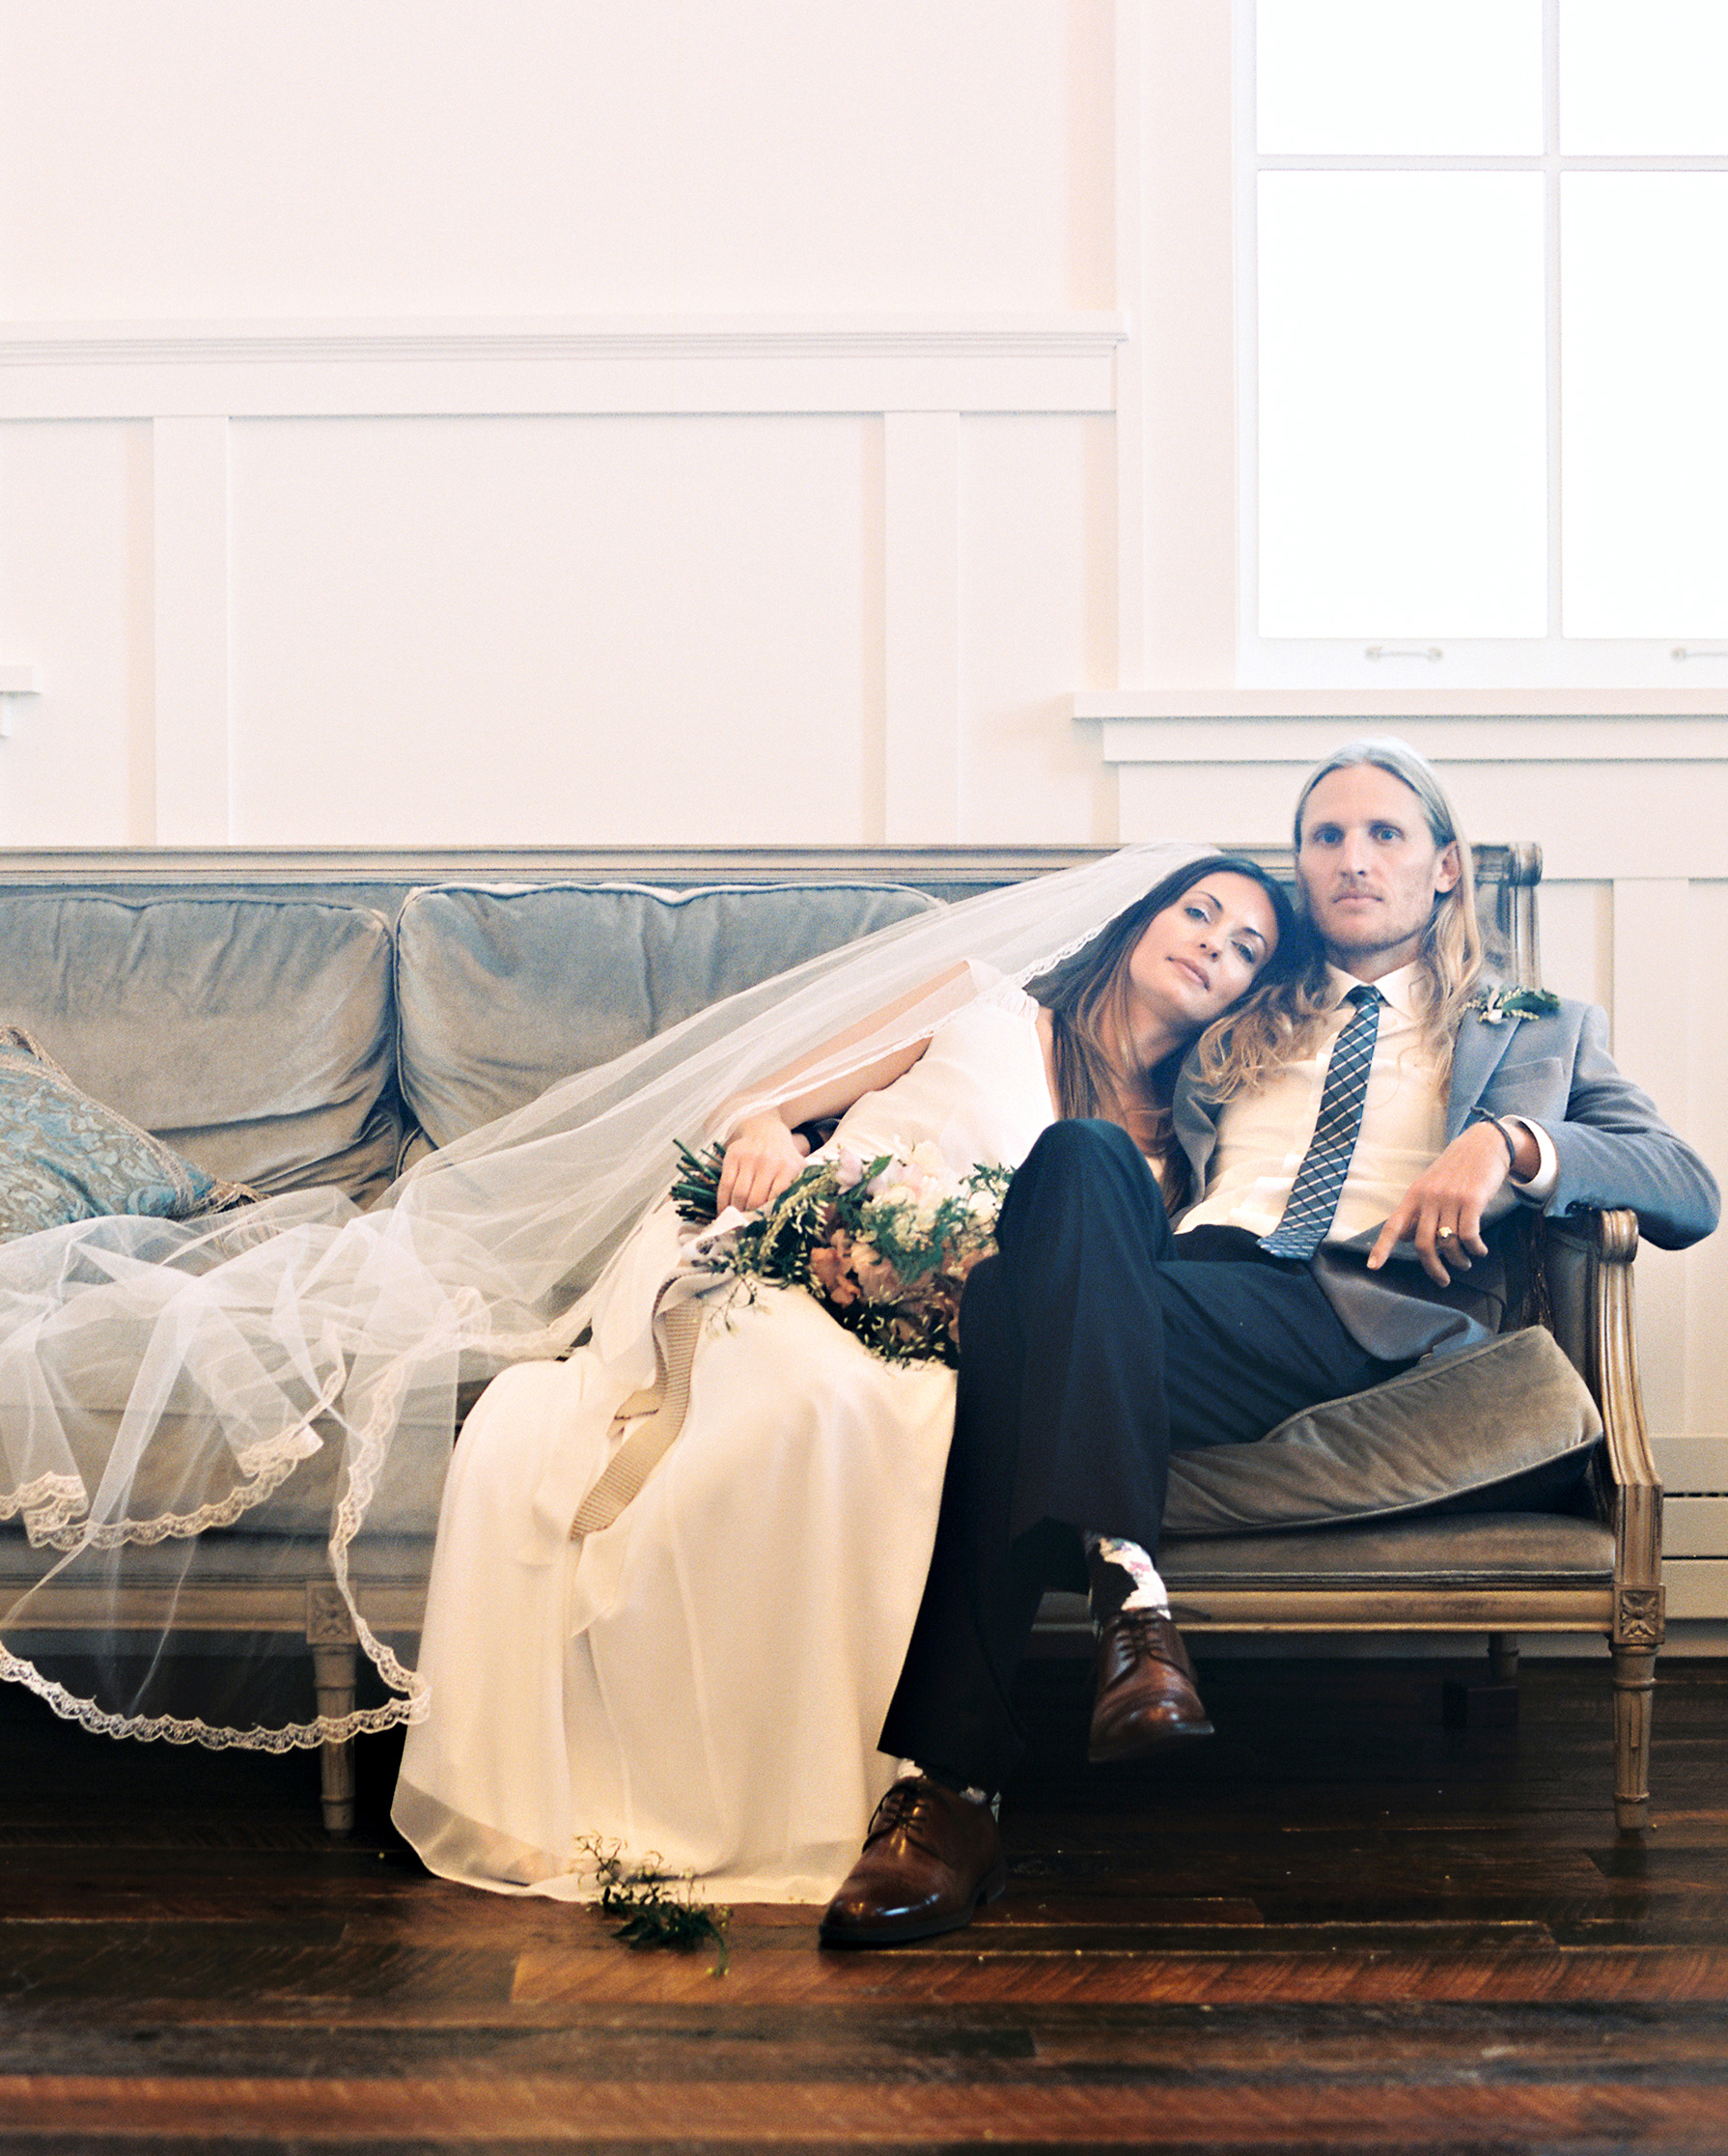 rachel-tyson-wedding-couple-091-s112158-0915.jpg